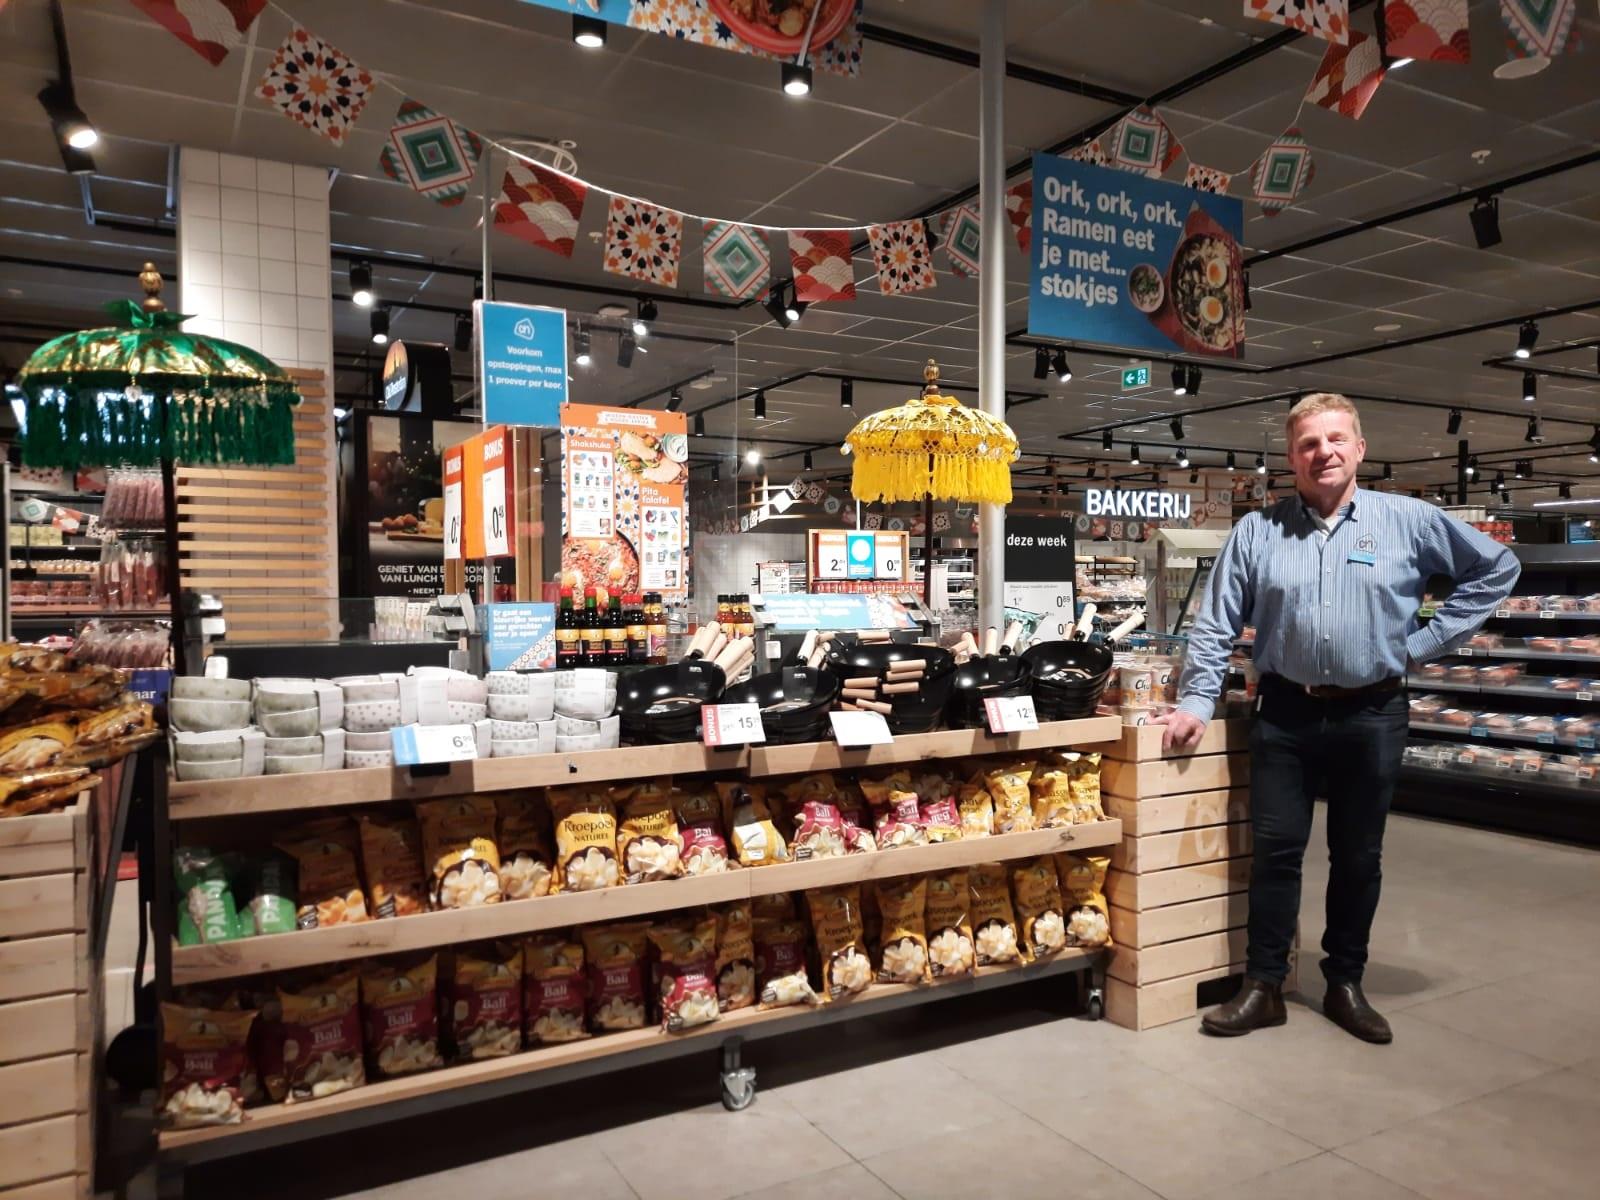 Albert Heijn XL: 'Ervoor zorgen dat de klant zich prettig voelt'